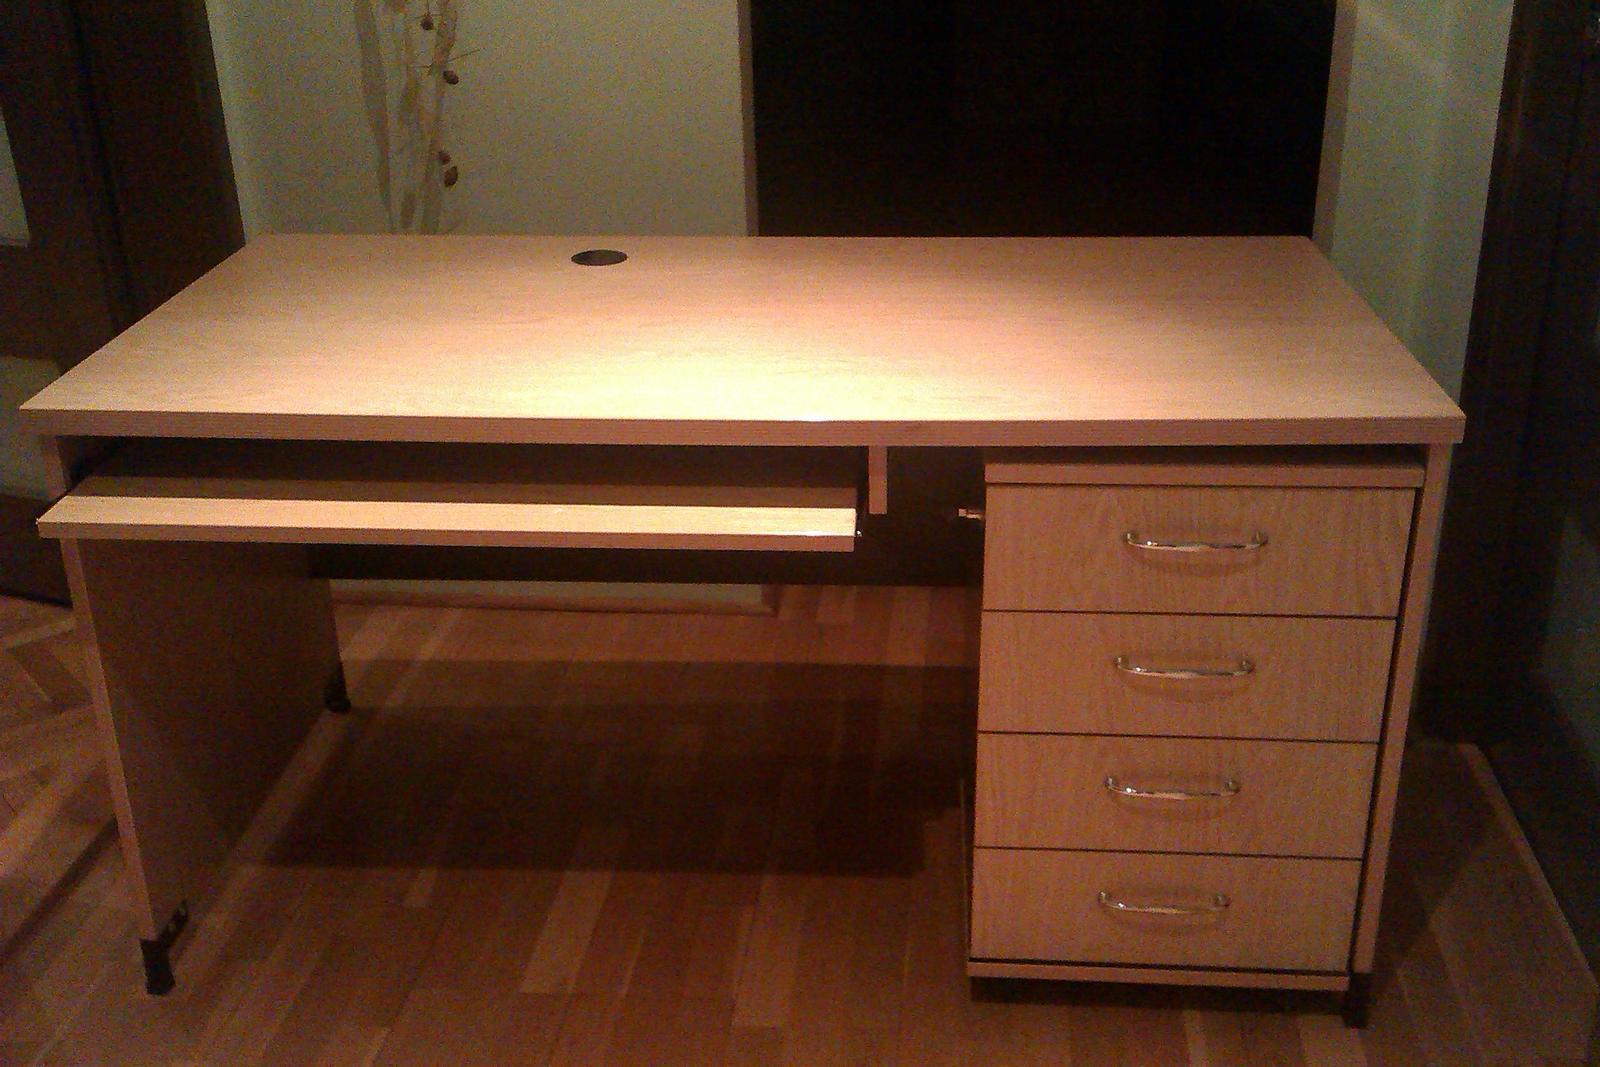 kvalitný stol k počitaču  - Obrázok č. 1